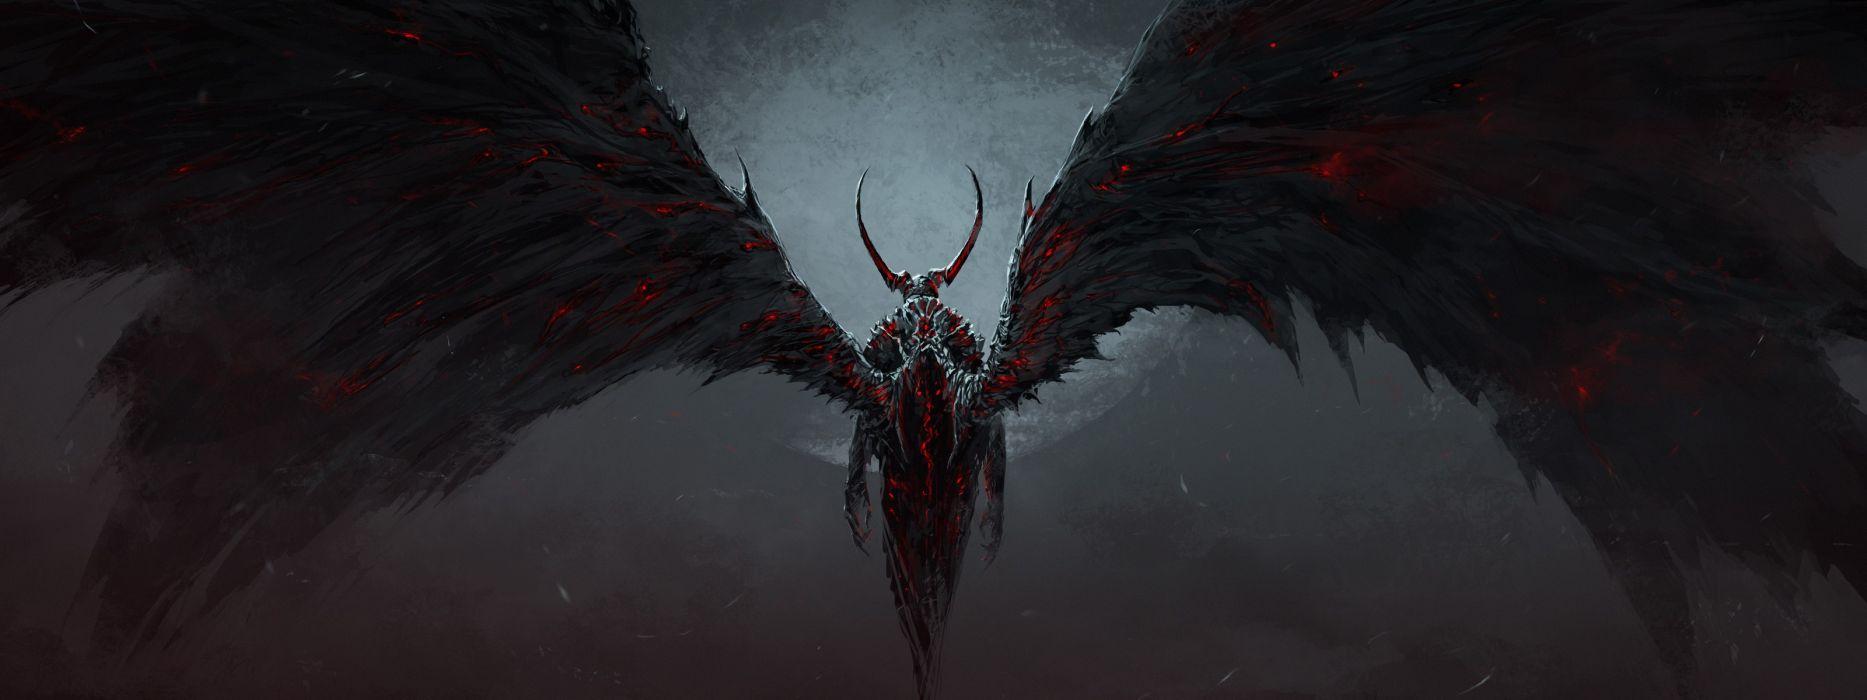 Demon Wings Drawing dark fantasy dual multi wallpaper